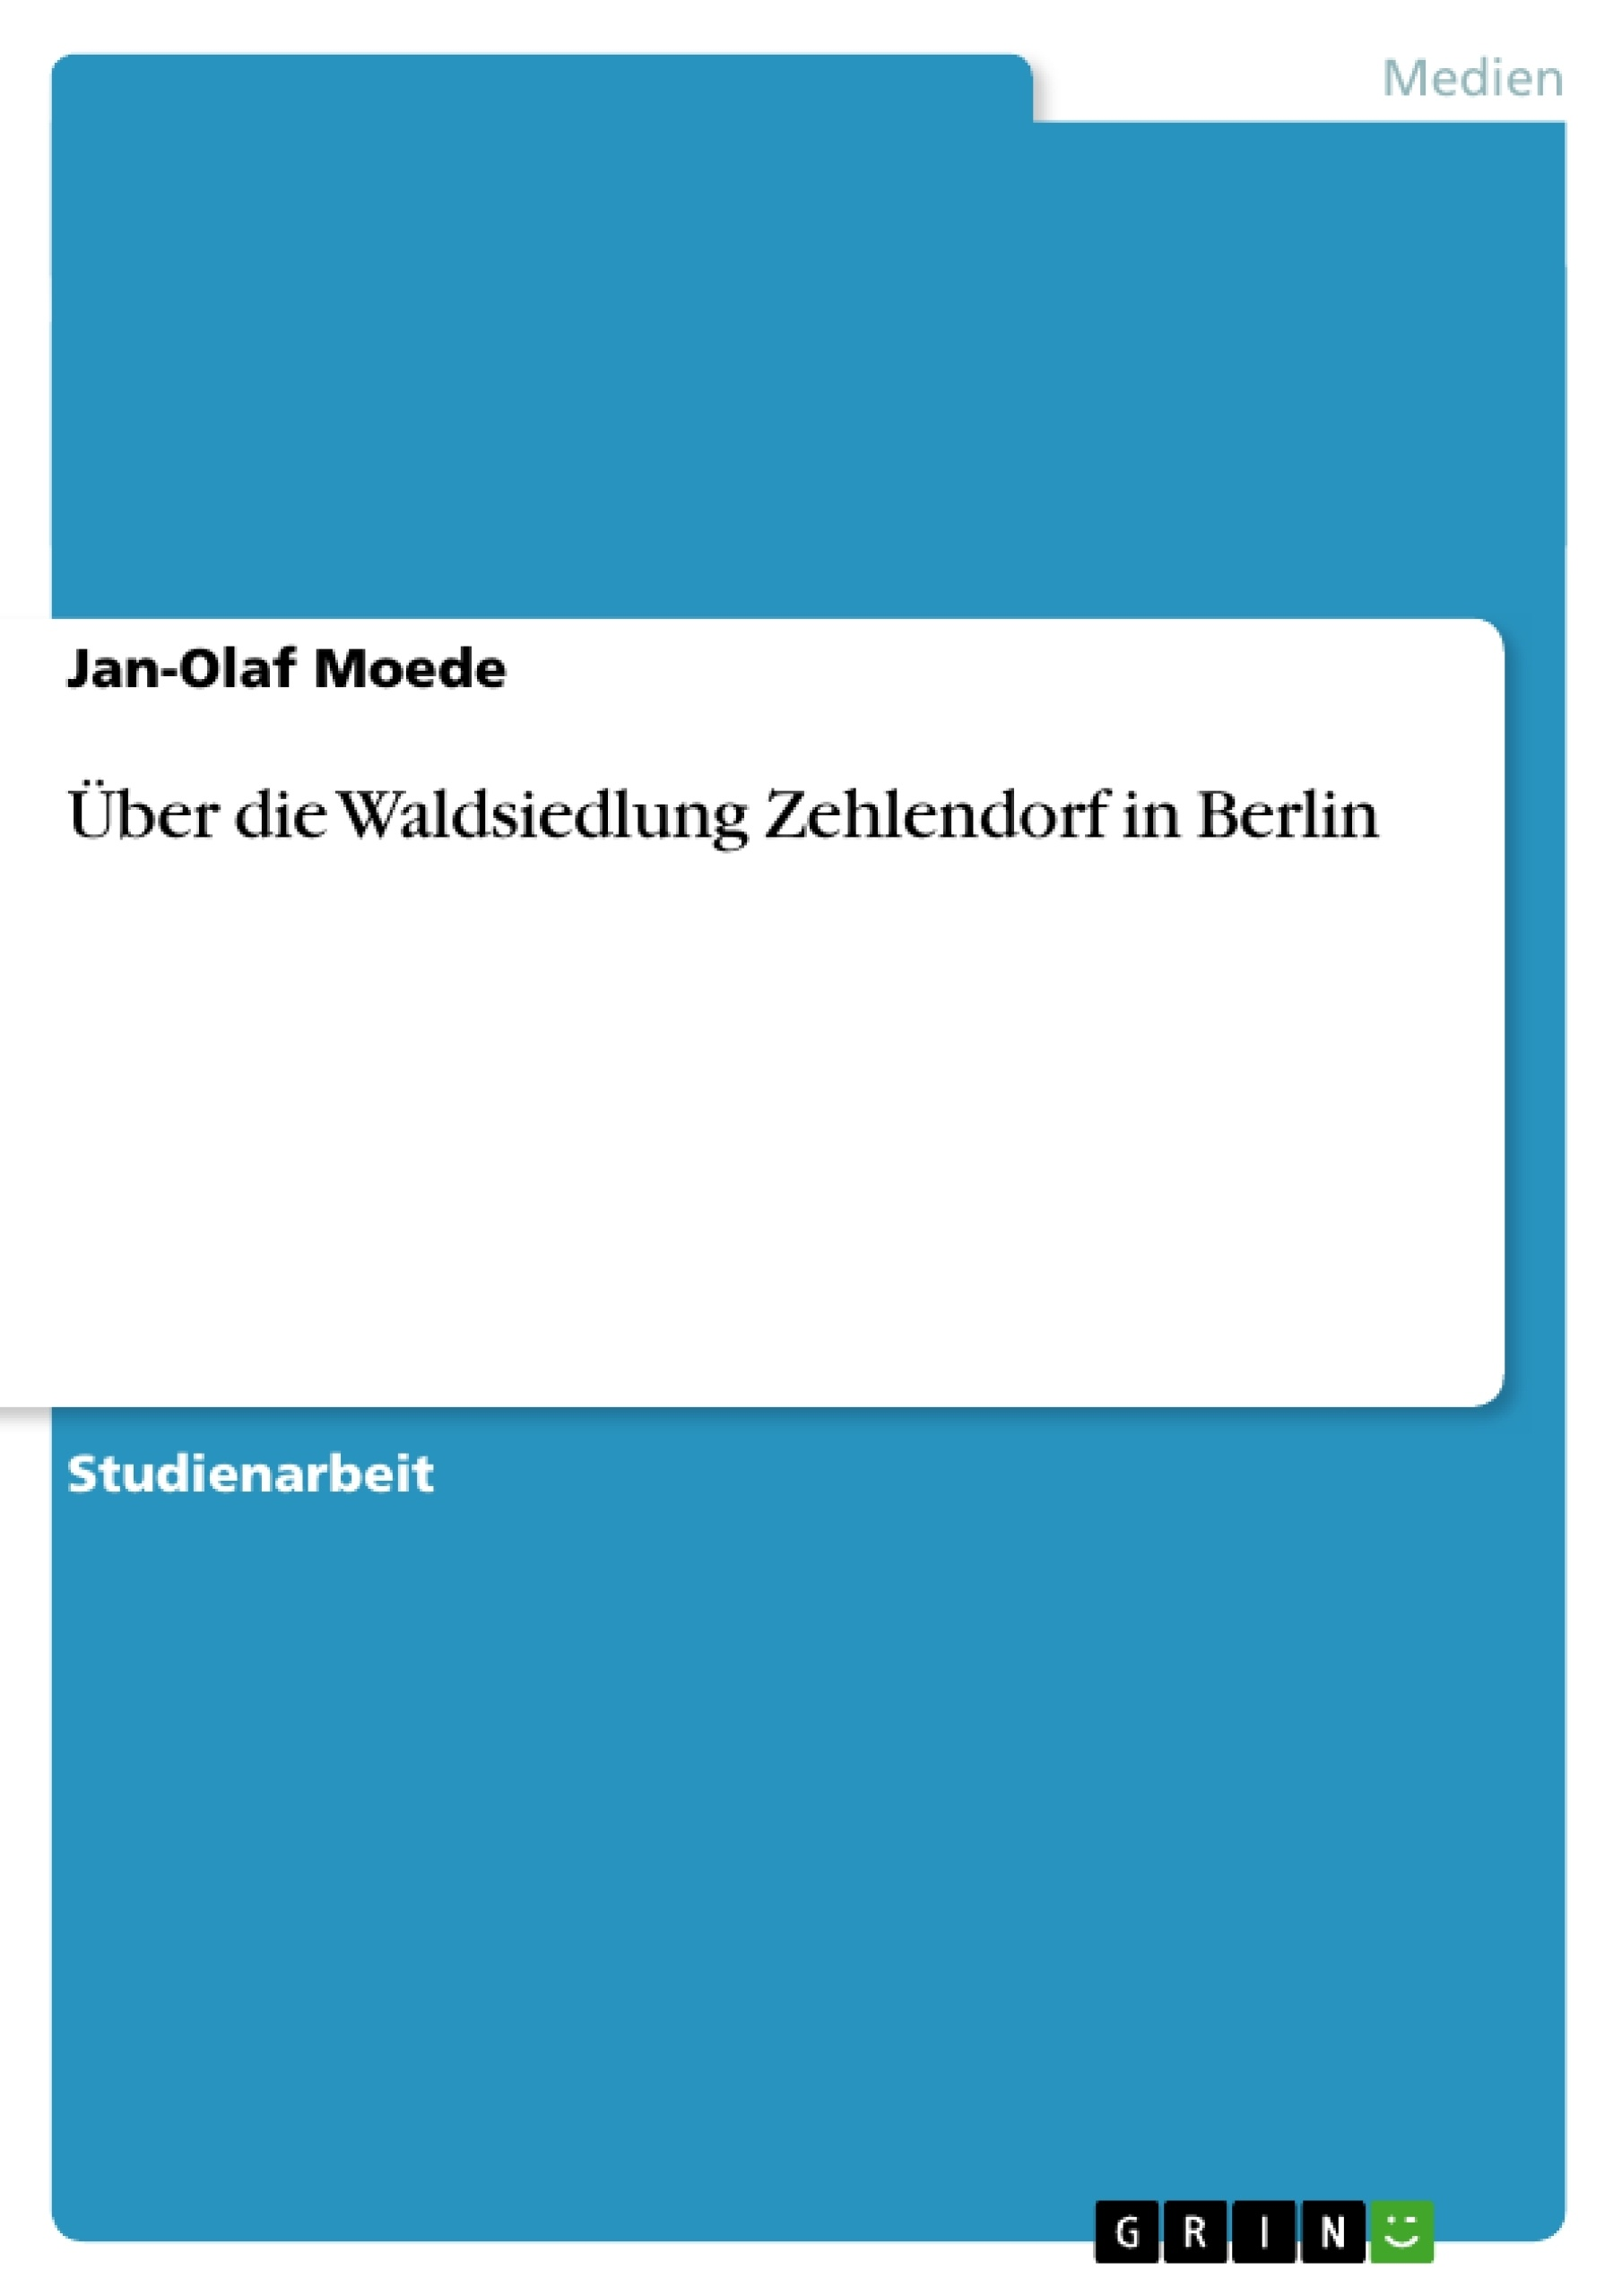 Titel: Über die Waldsiedlung Zehlendorf in Berlin